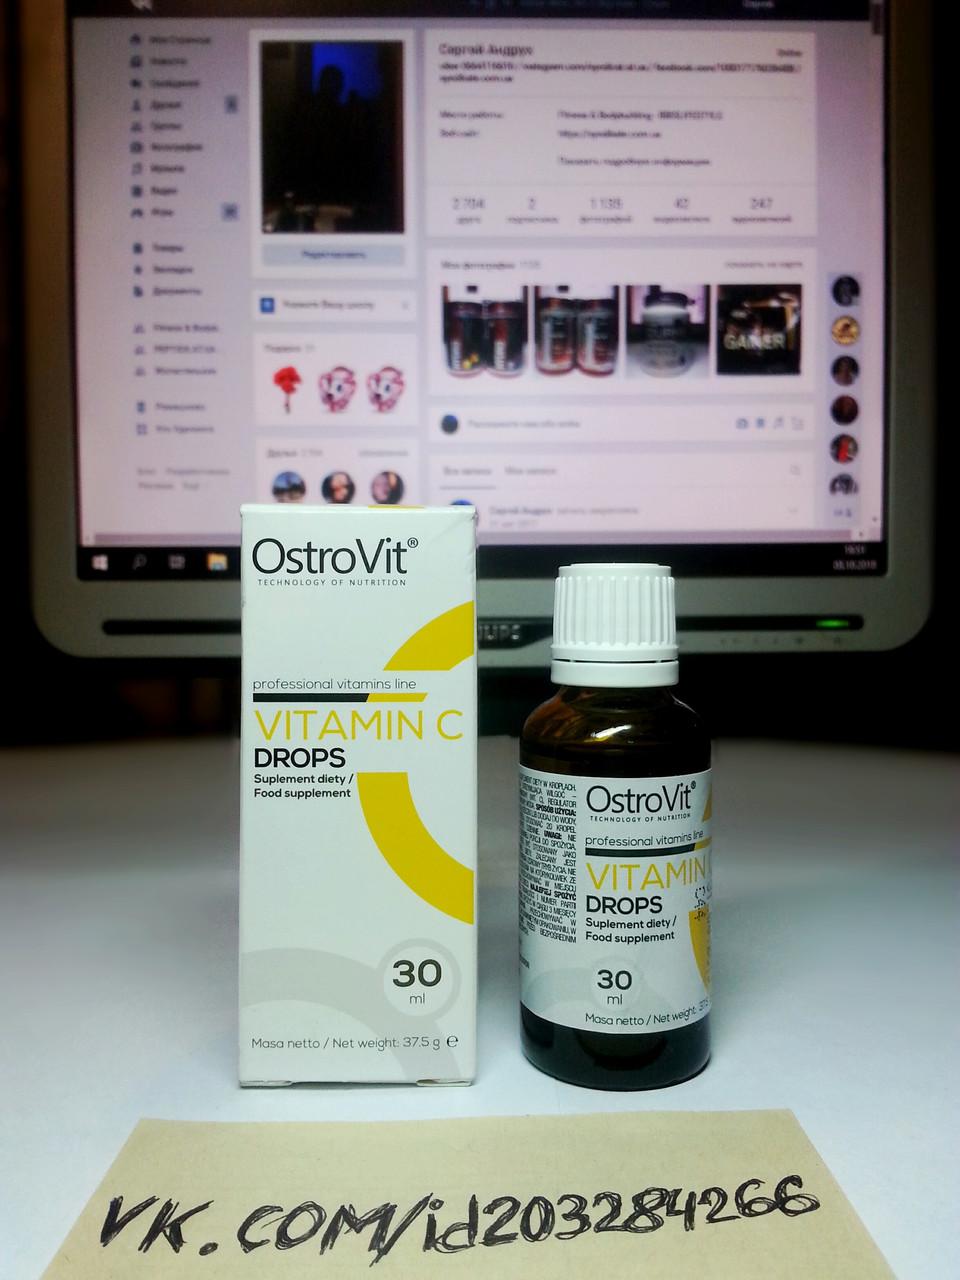 OstroVit Vitamin C Drops 30ml